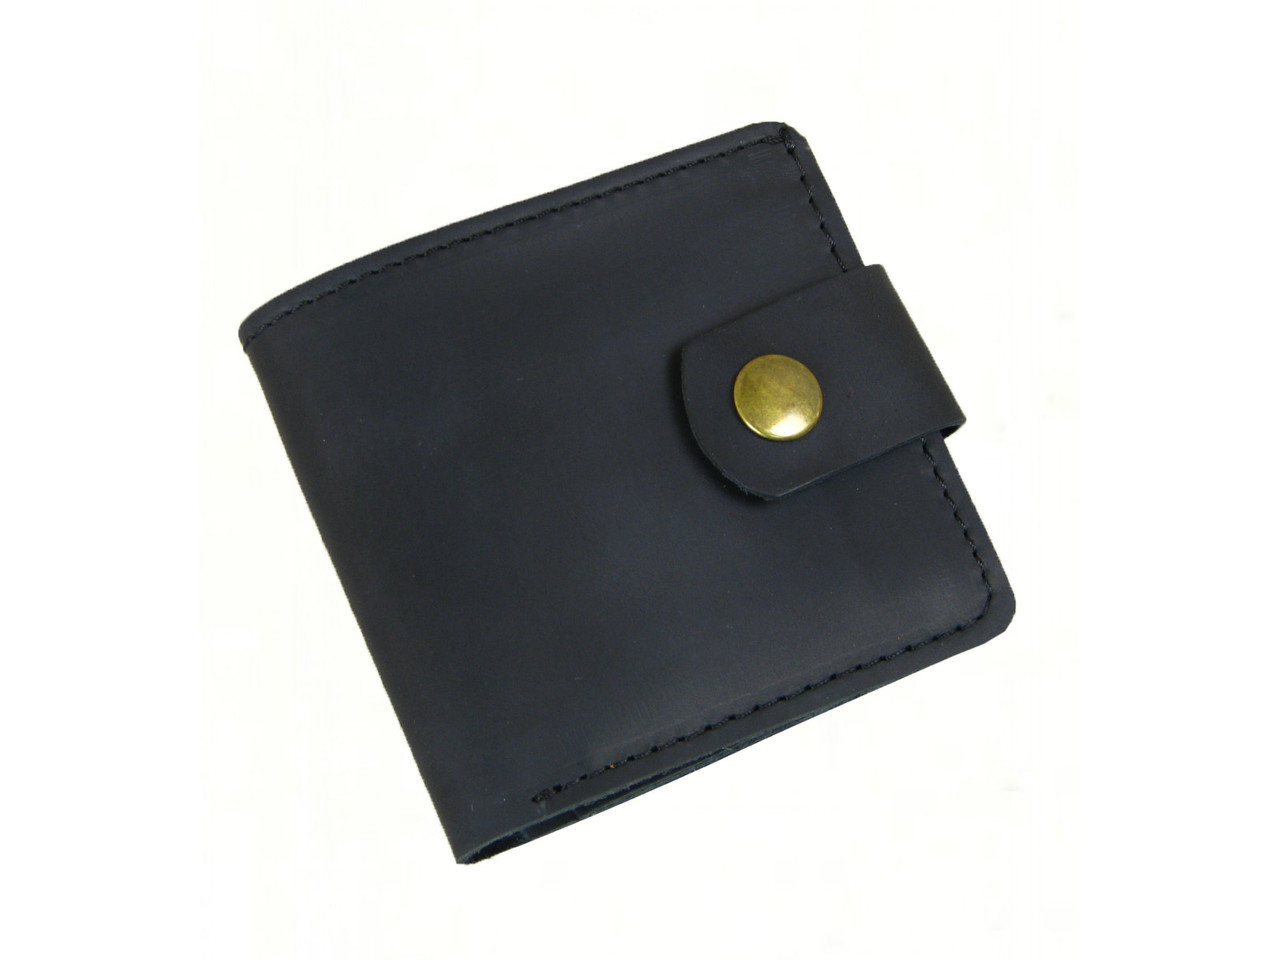 Мужской кошелек бумажник GS кожаный черный